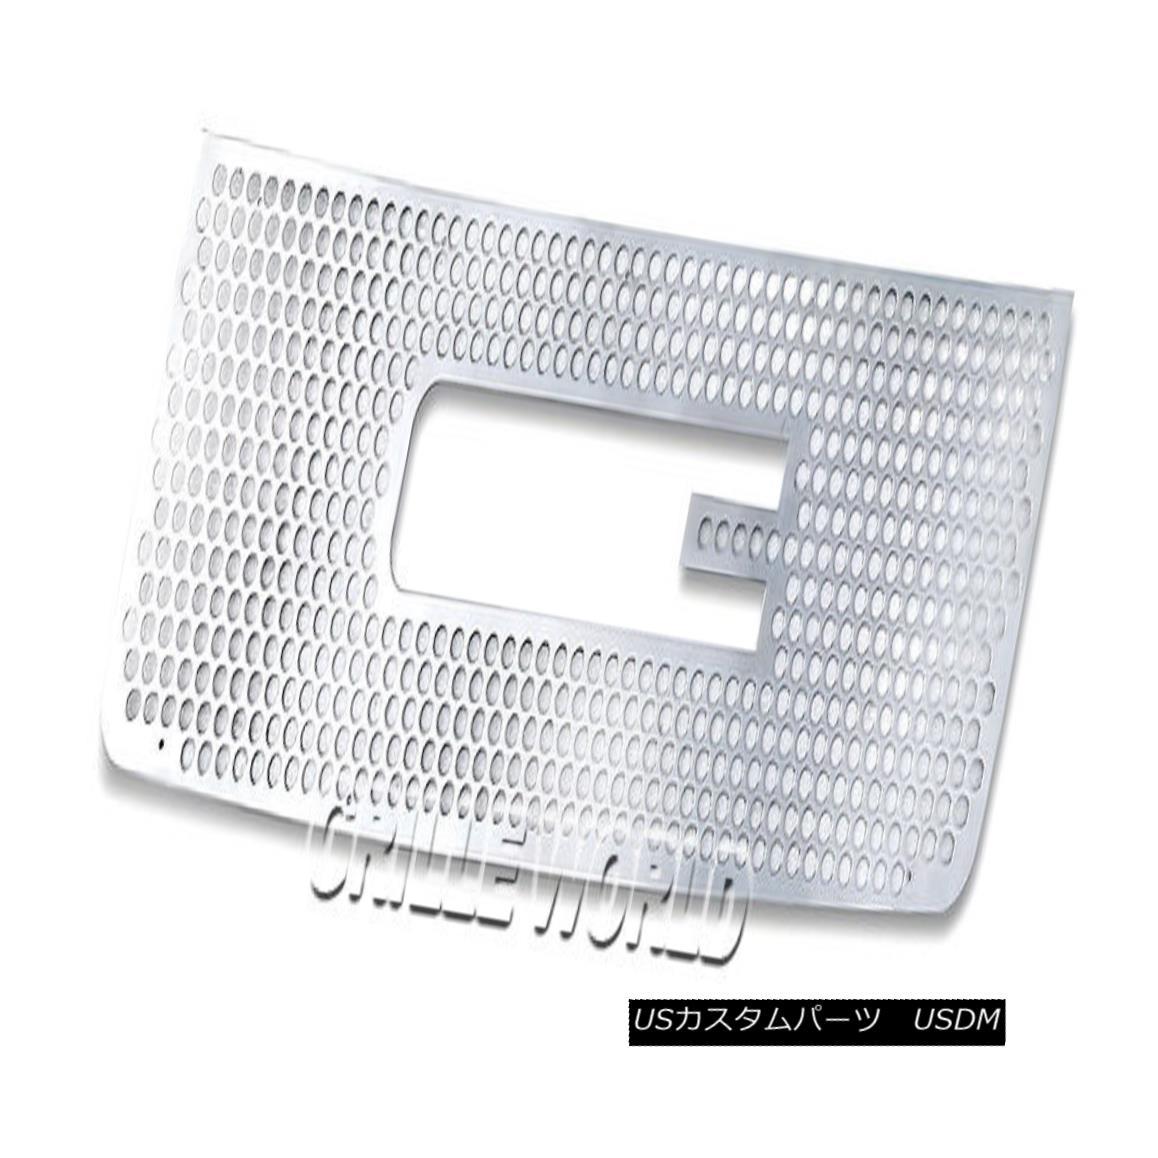 グリル For 07-10 GMC Sierra 2500/3500/HD Stainless Punch Premium Grille 07-10 GMC Sierra 2500/3500 / HDステンレスパンチプレミアムグリル用